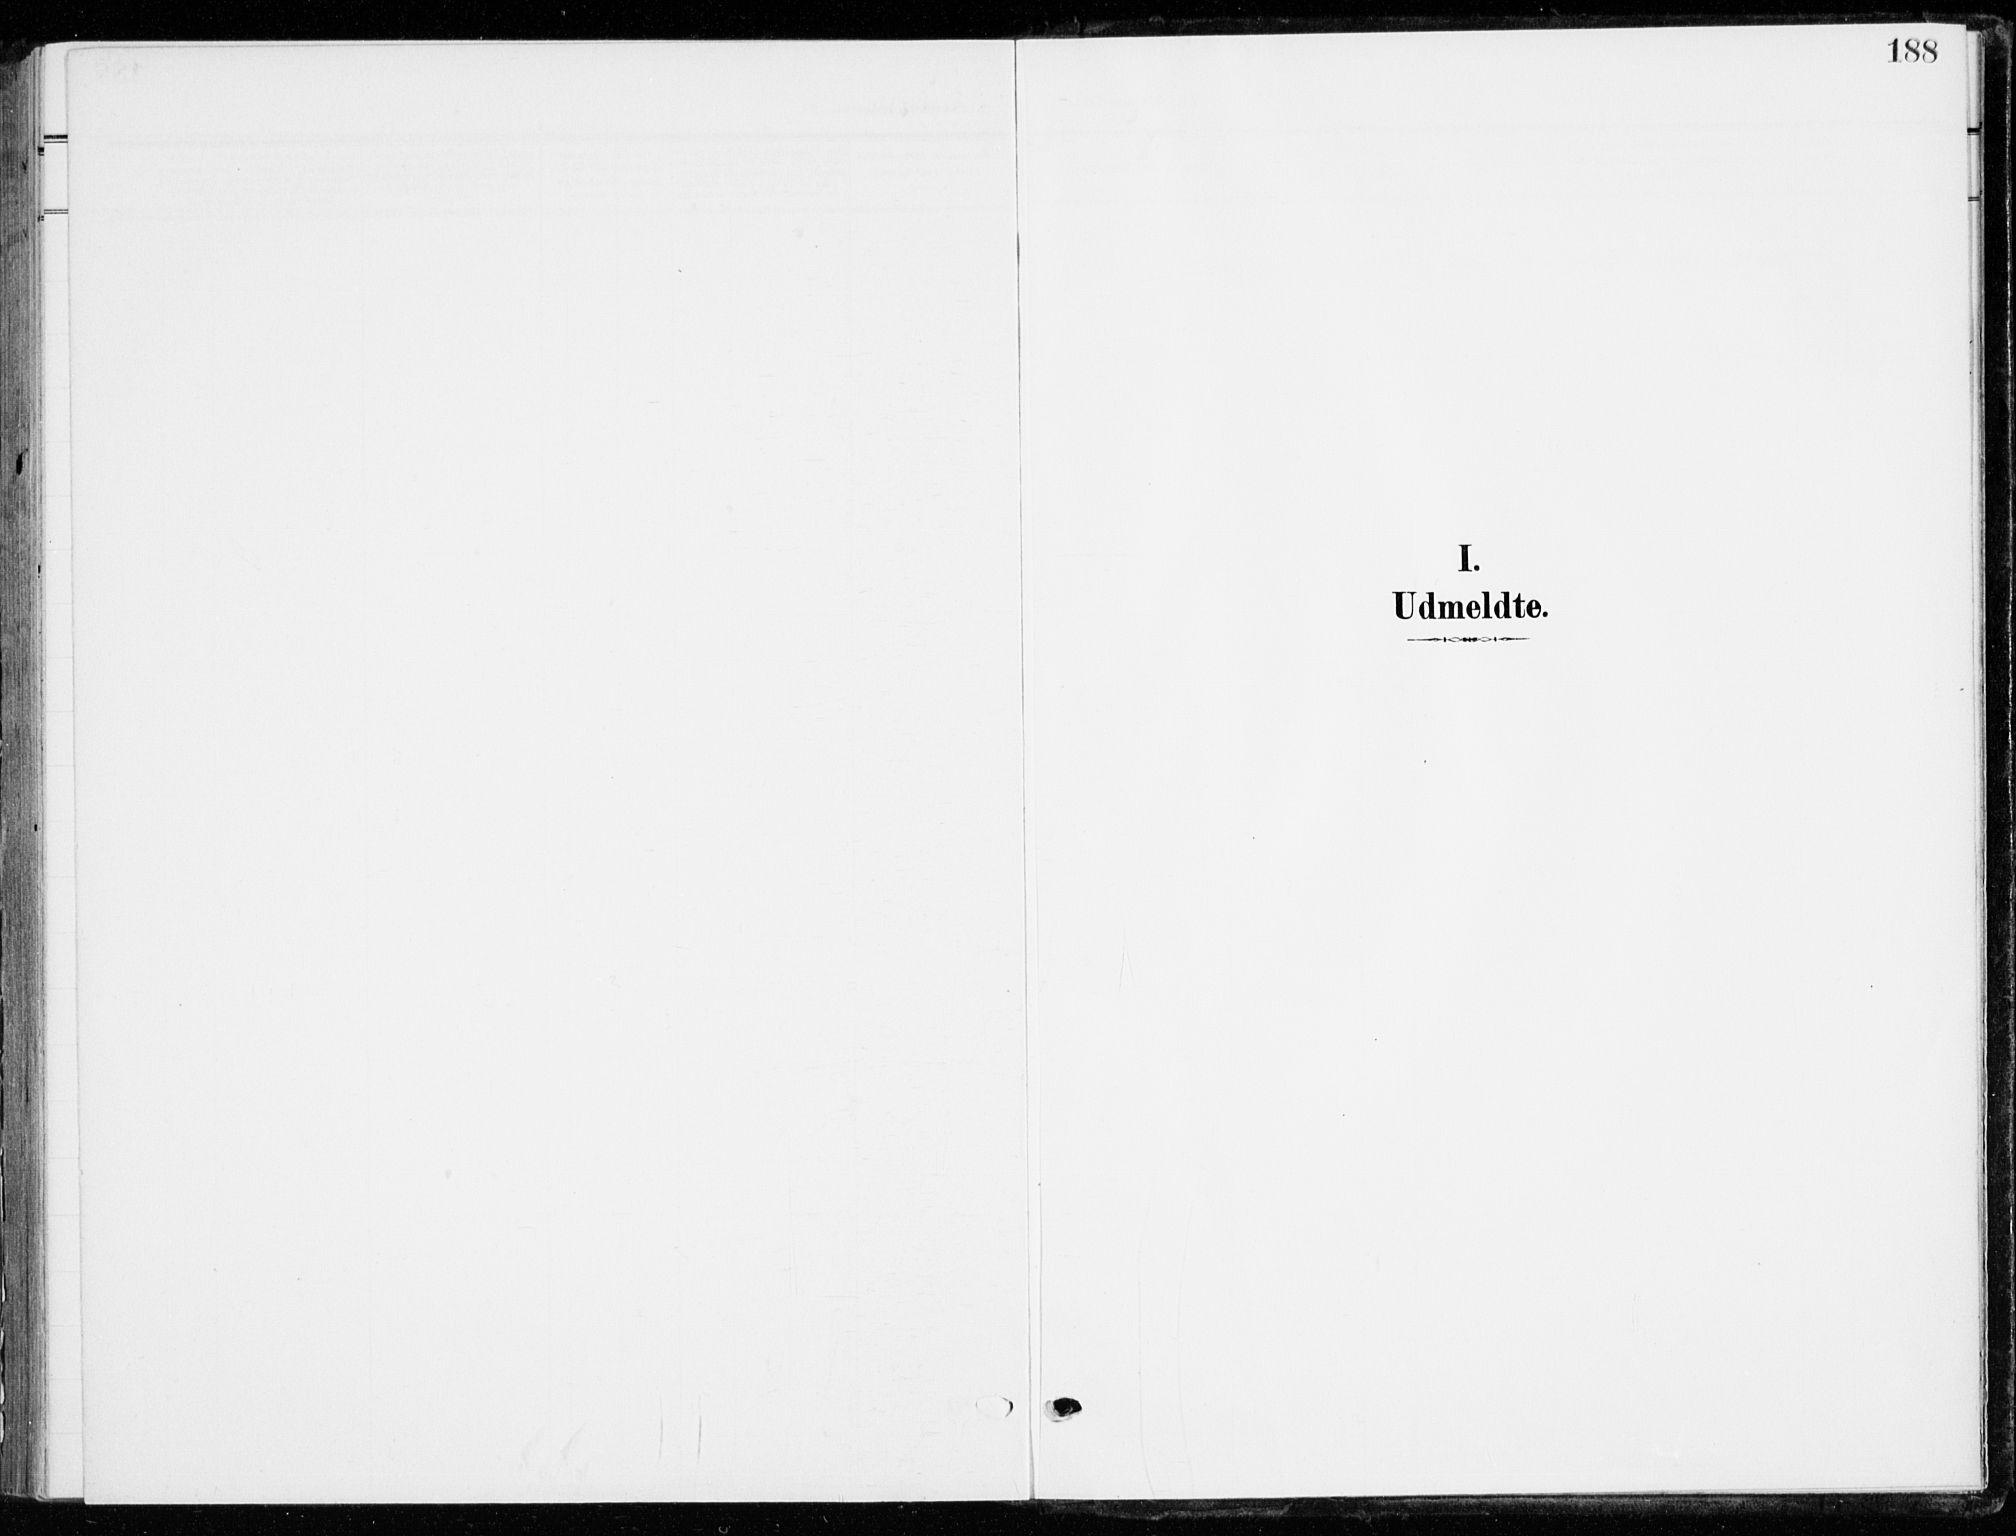 SAH, Ringsaker prestekontor, K/Ka/L0021: Ministerialbok nr. 21, 1905-1920, s. 188